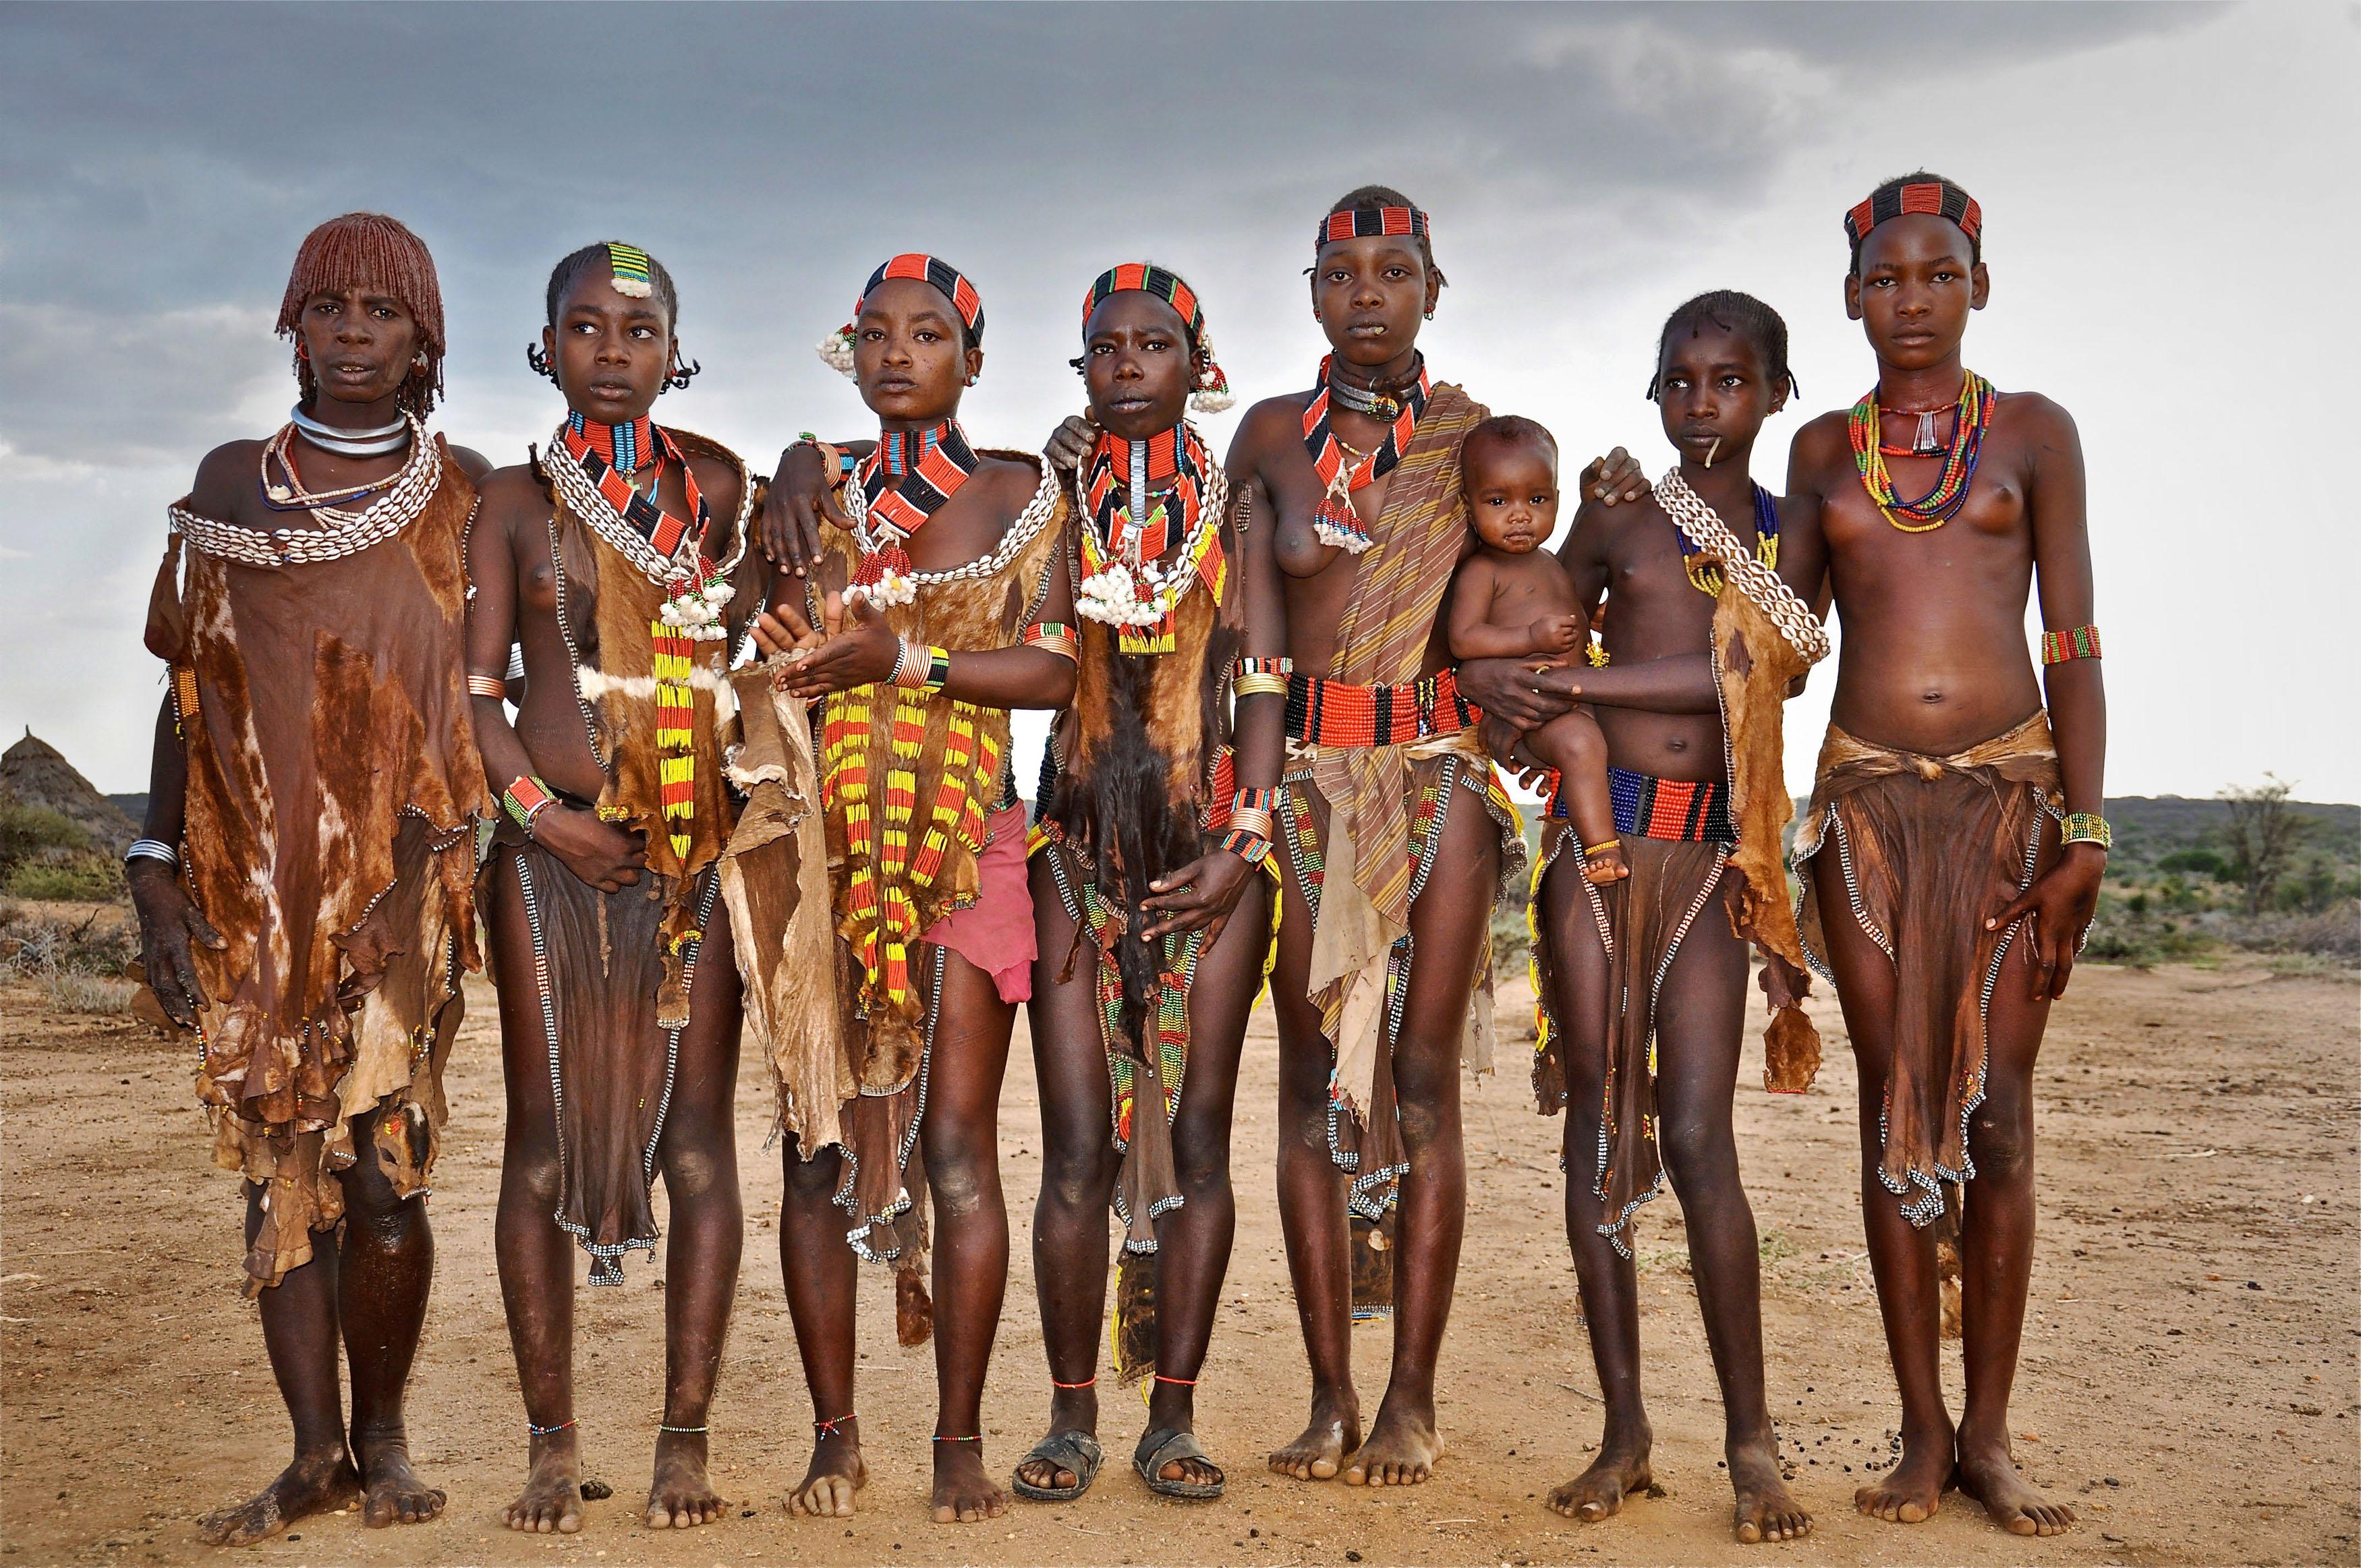 Фото диких племен африки без одежды 26 фотография